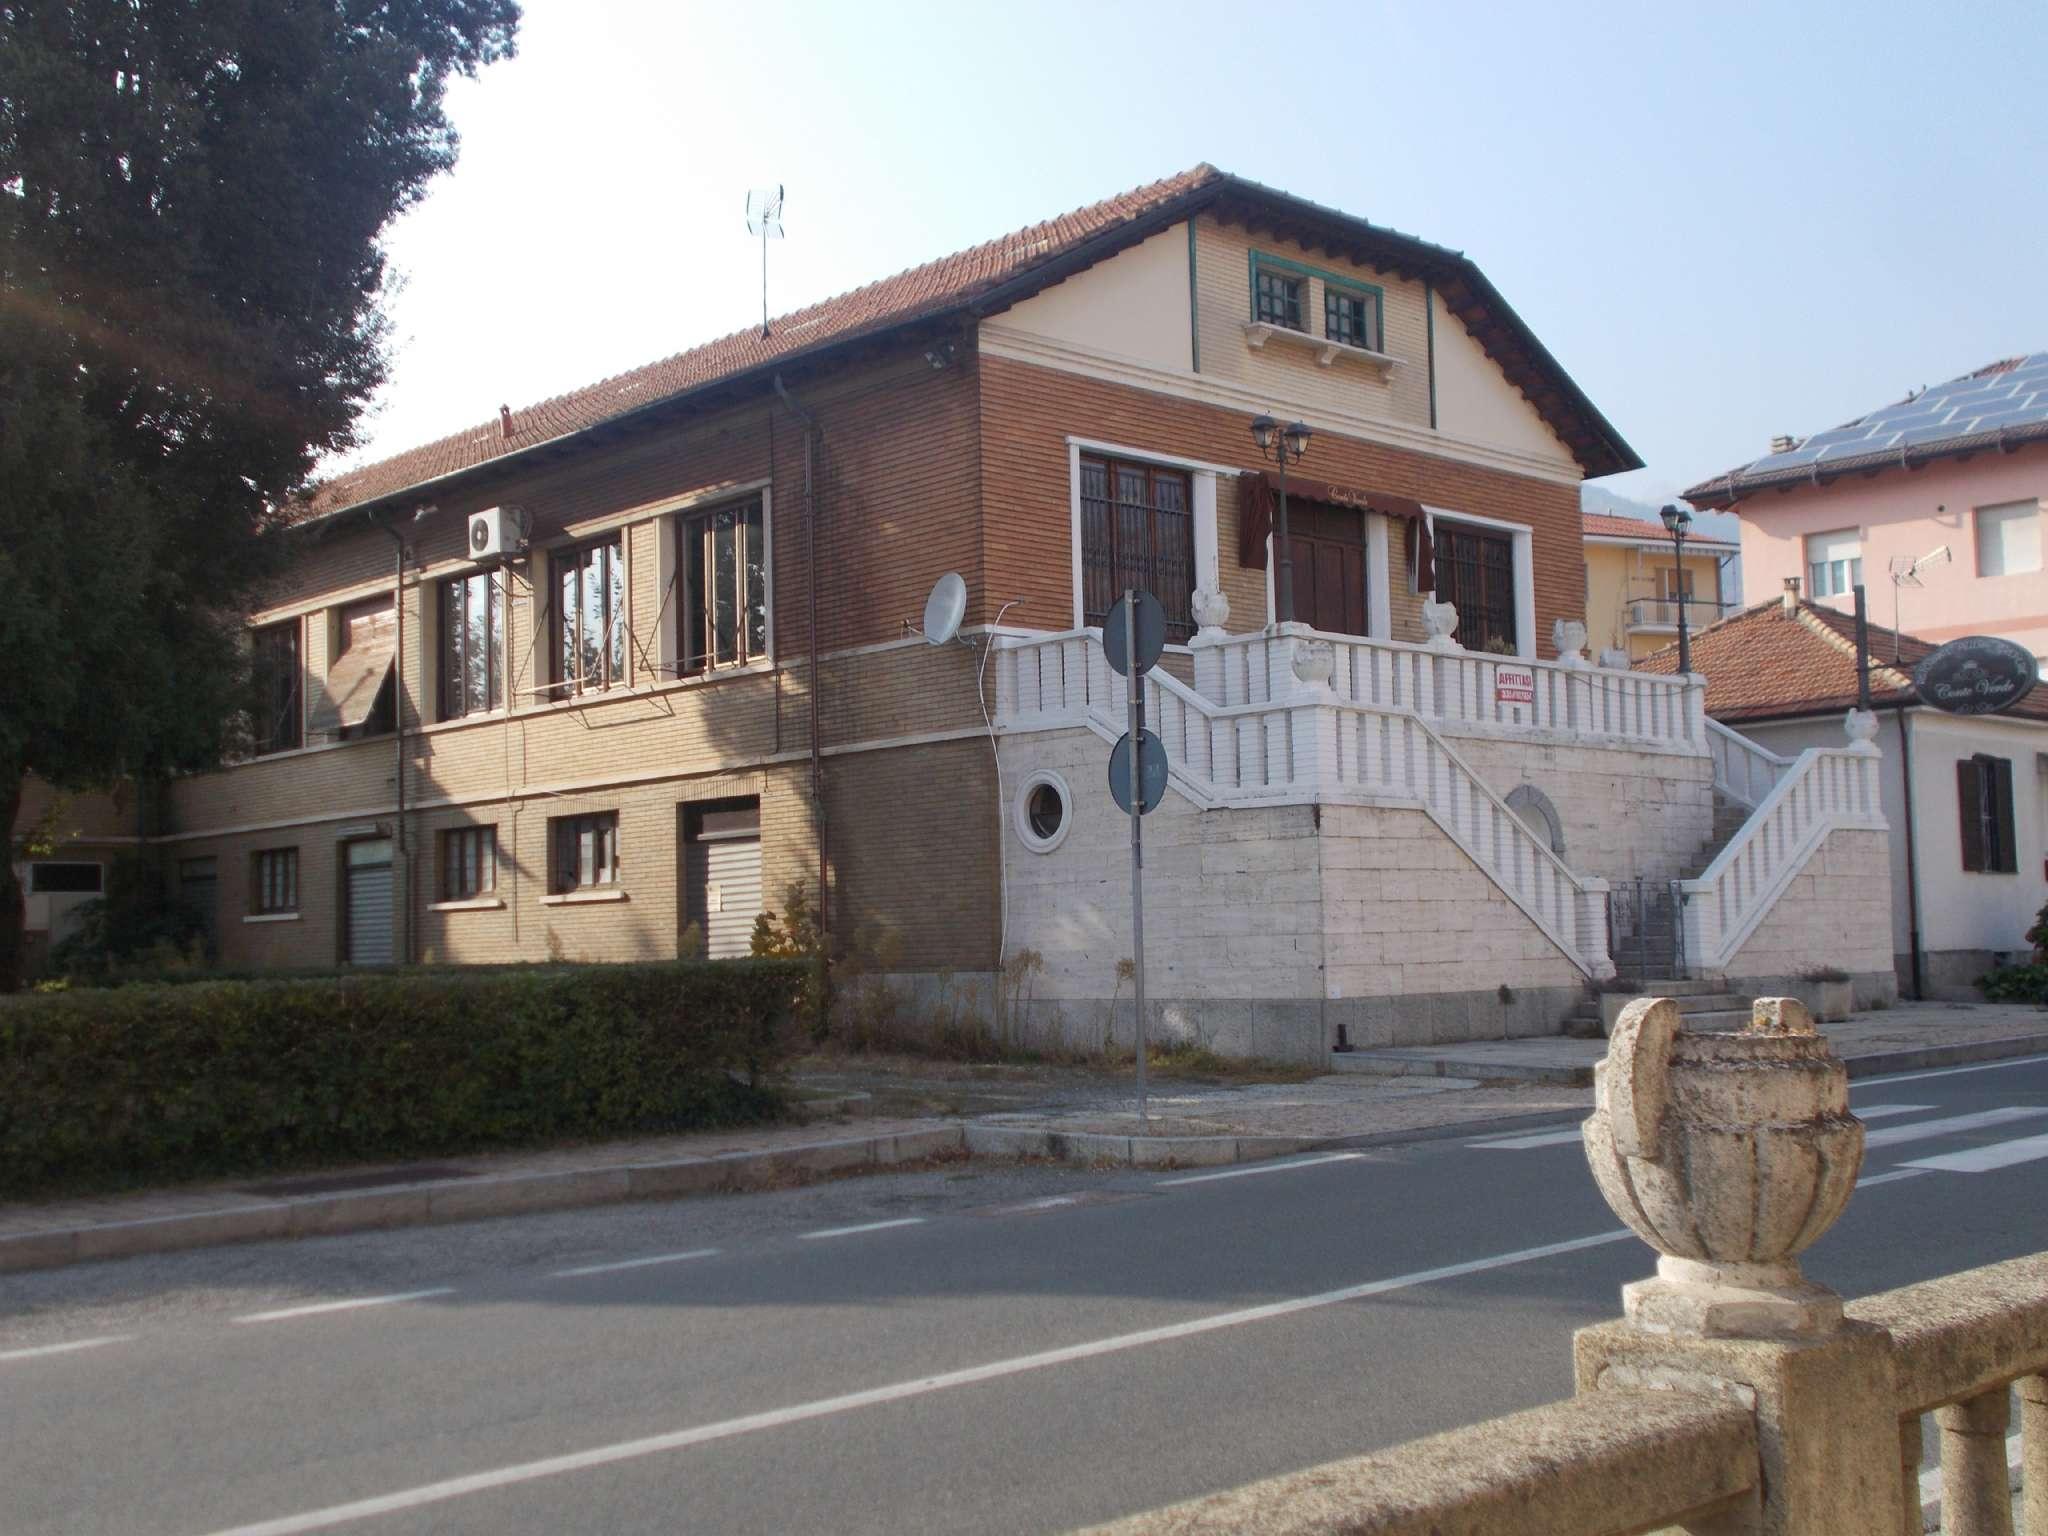 Negozio / Locale in vendita a Condove, 8 locali, Trattative riservate | PortaleAgenzieImmobiliari.it